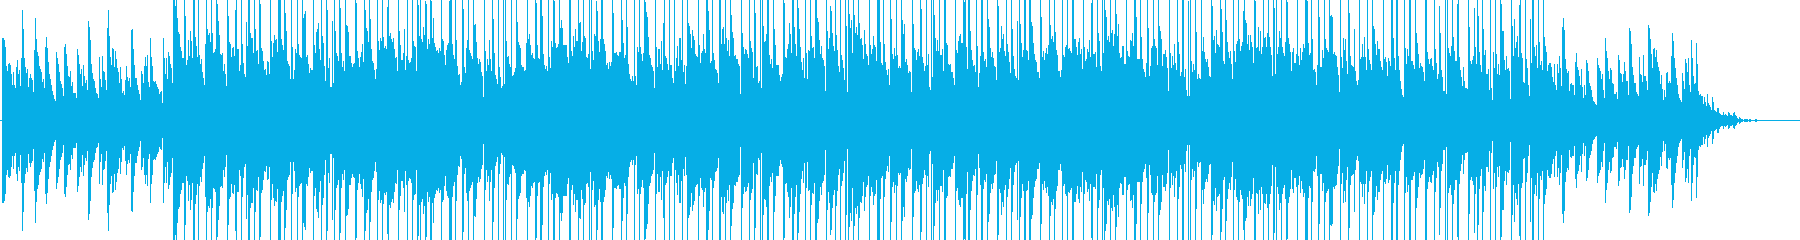 ポップでかわいいピアノ曲の再生済みの波形